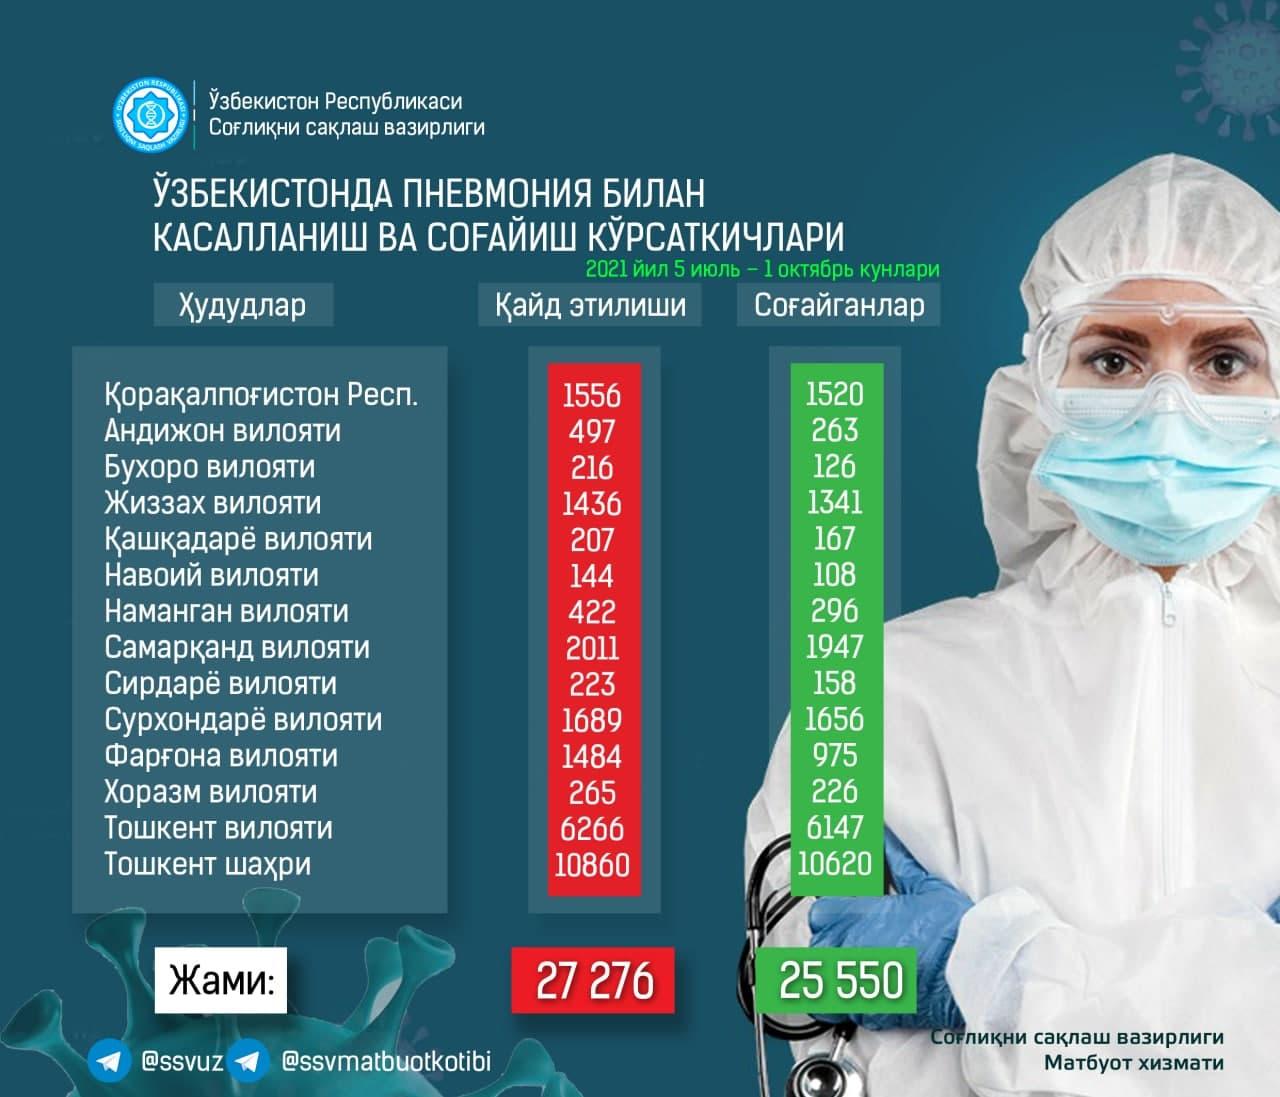 В Узбекистане все меньше людей заболевают пневмонией — статистика